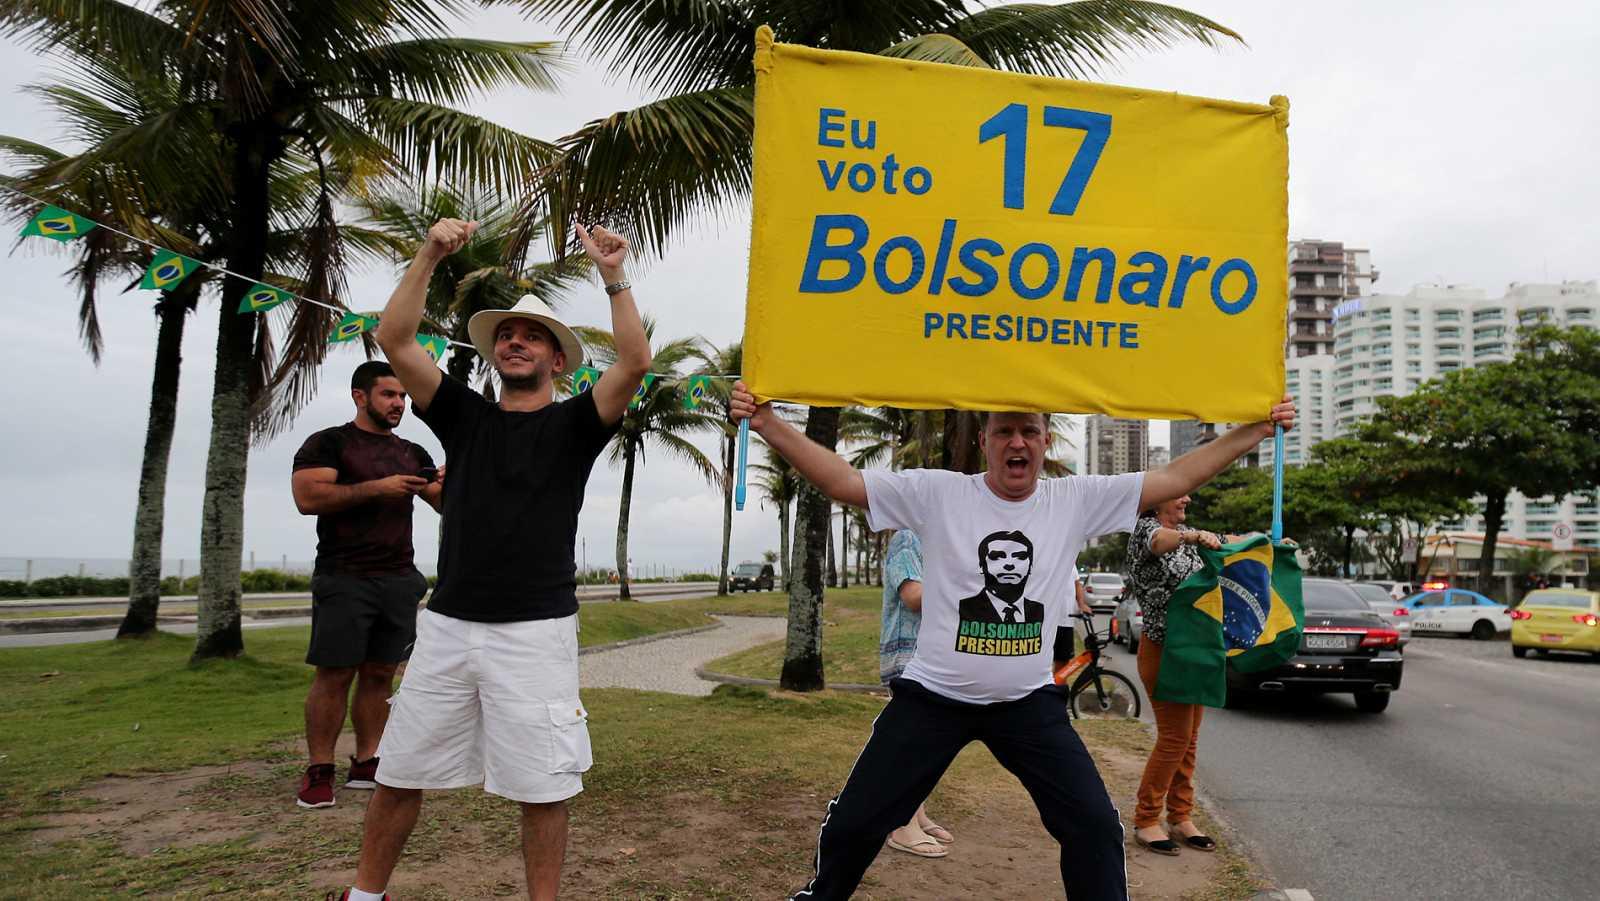 Resultado de imagen para bolsonaro presidente